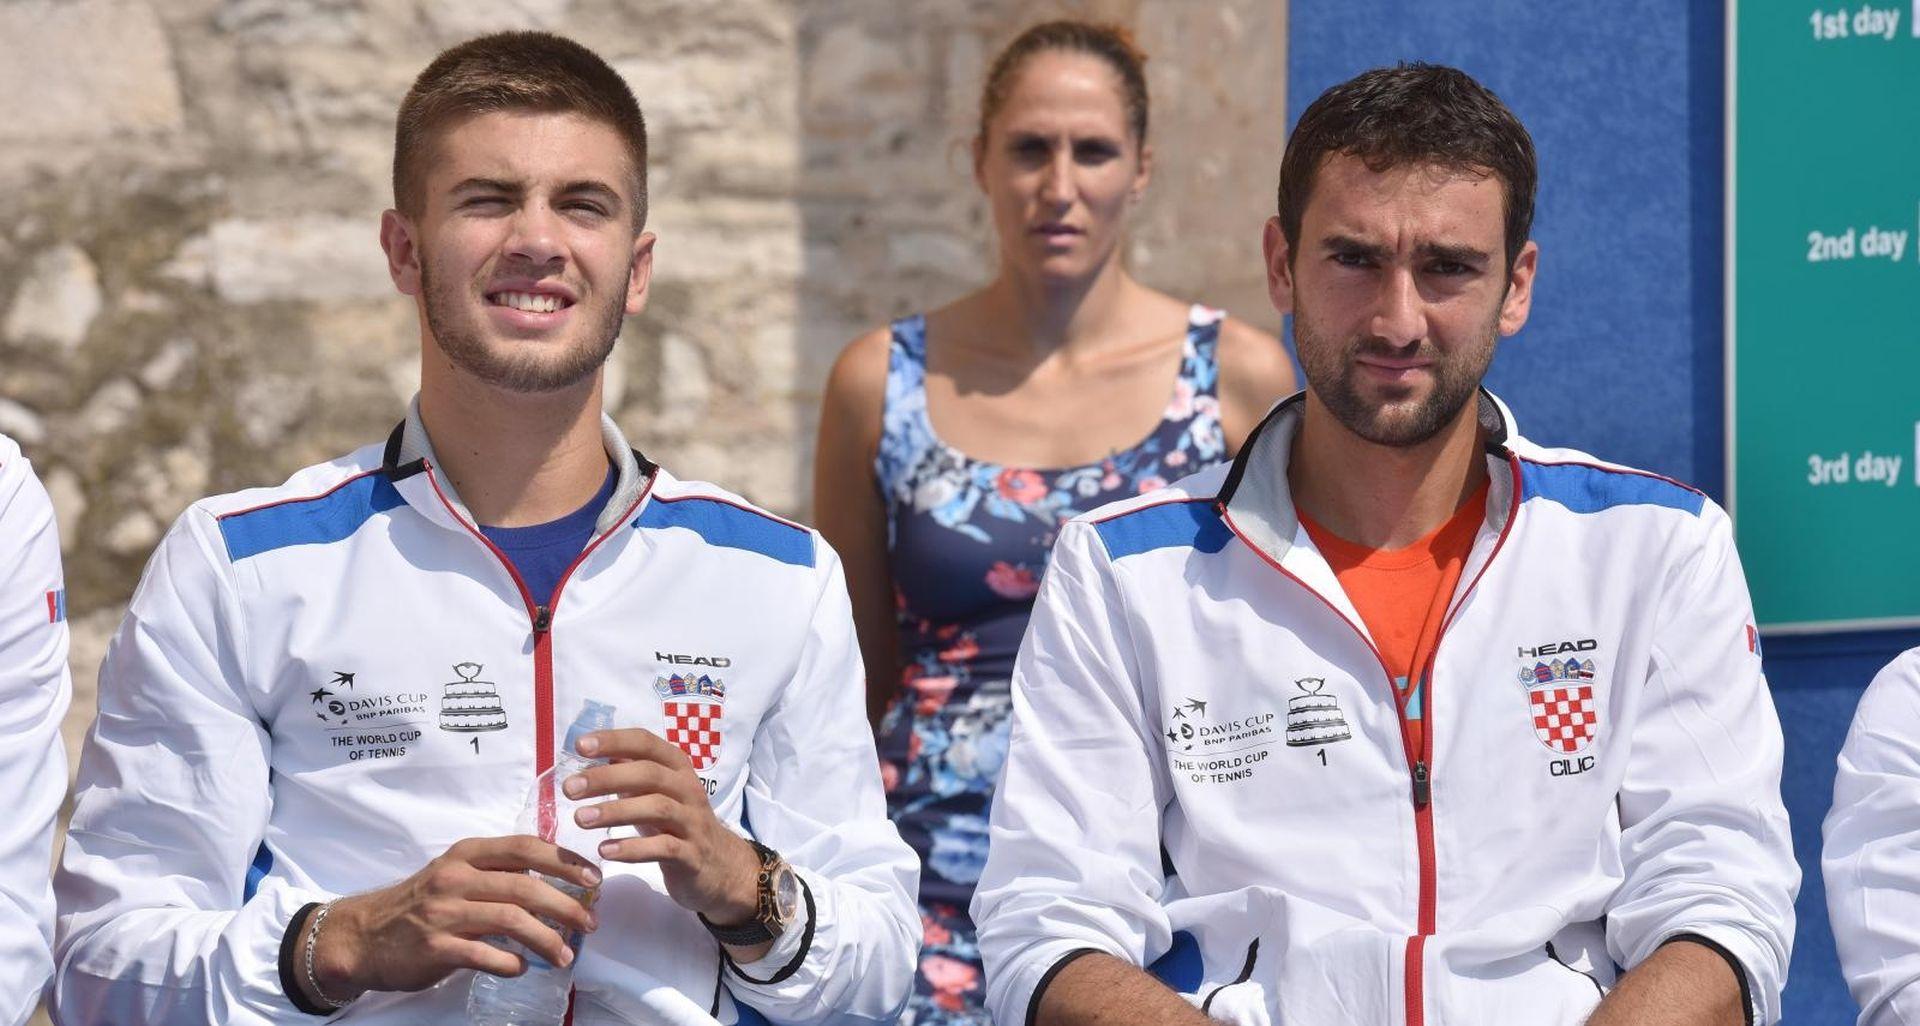 ATP LJESTVICA Čilić ostao šesti, Ćorić 18.